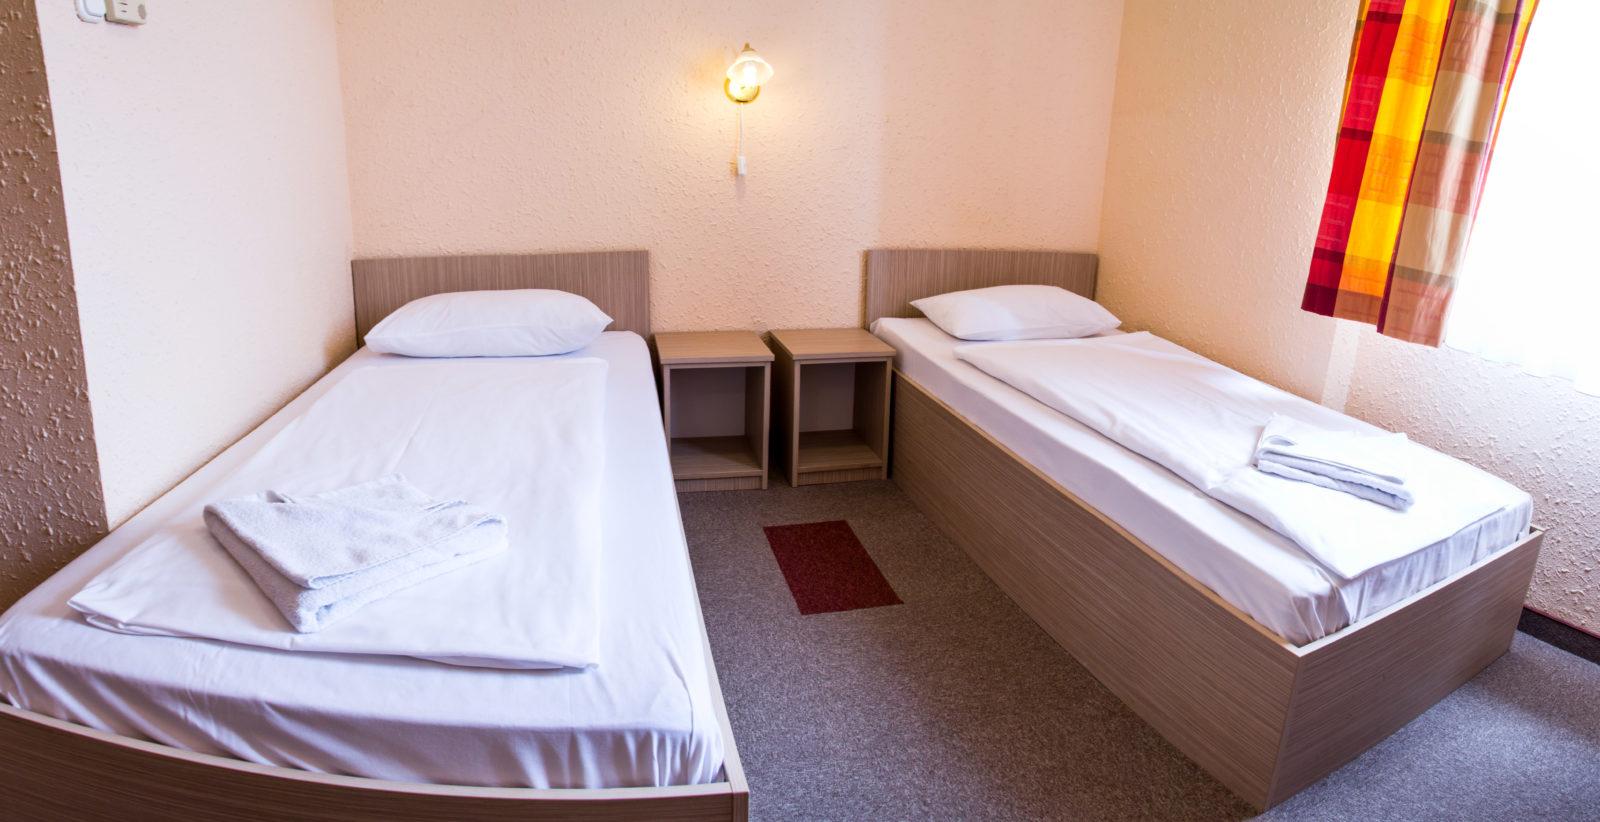 Berlin_room-1600x822